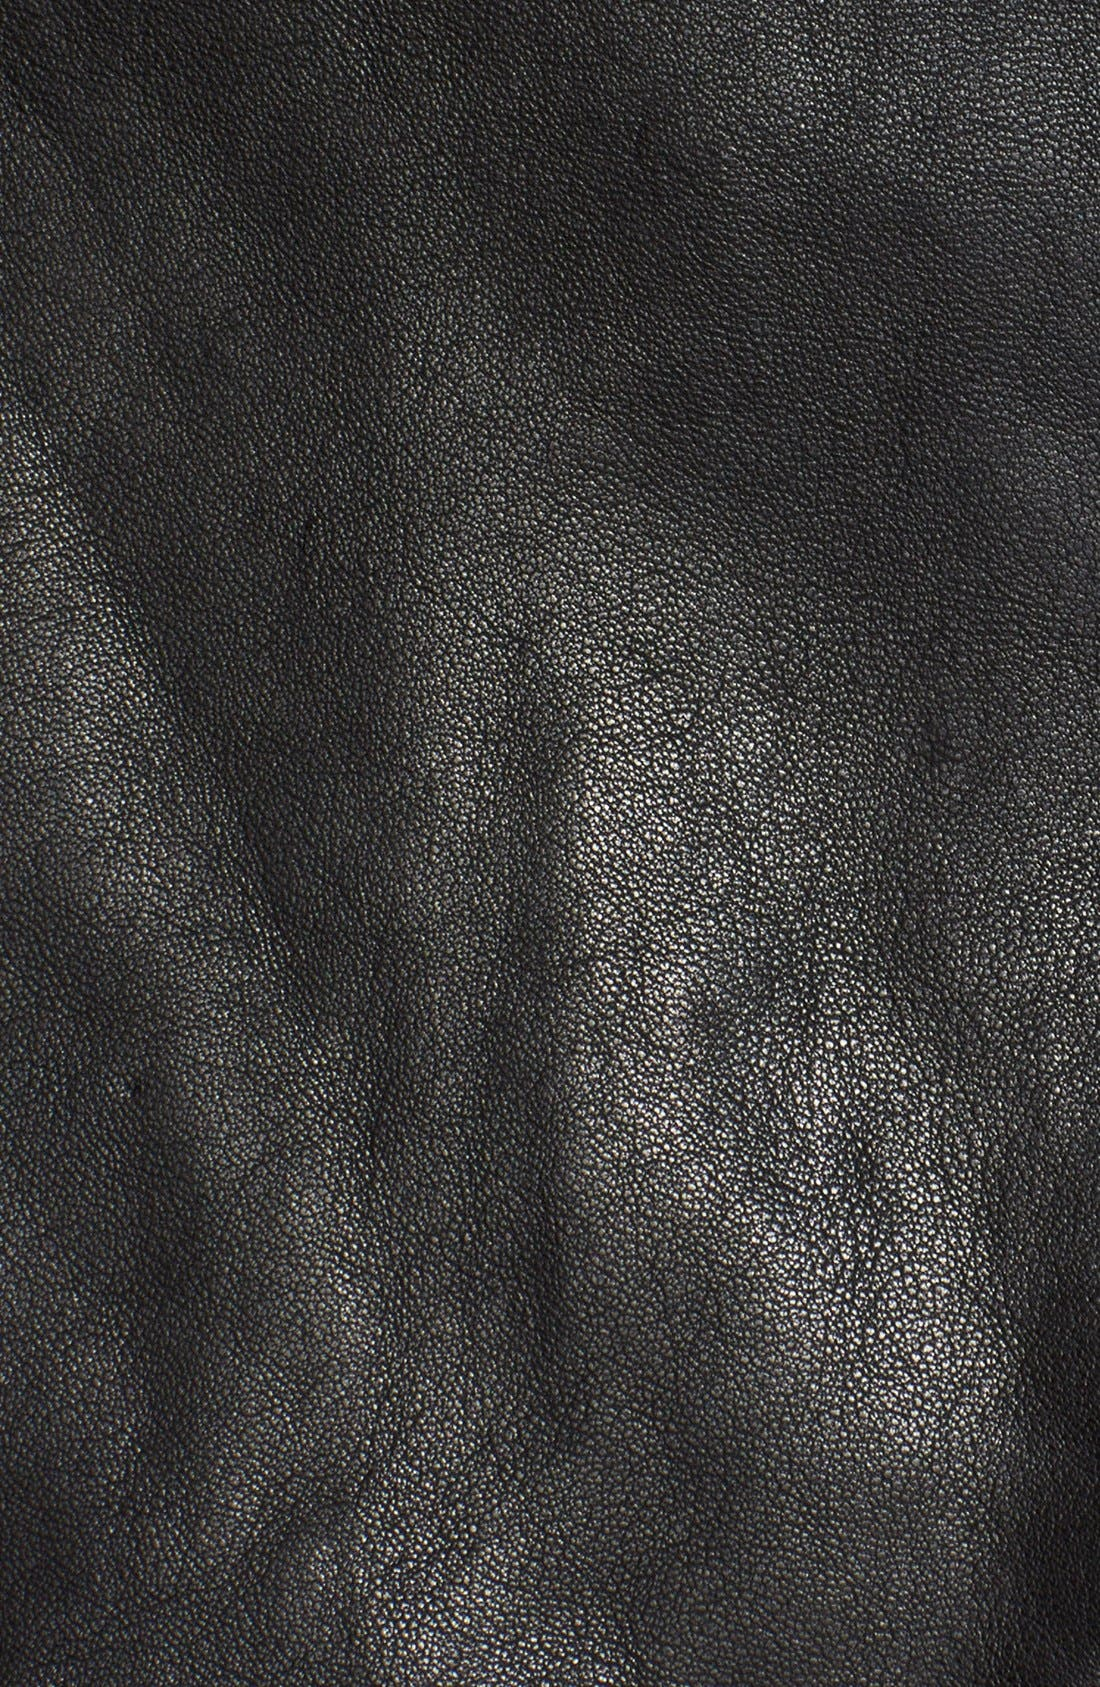 Alternate Image 3  - The Kooples Leather Moto Miniskirt